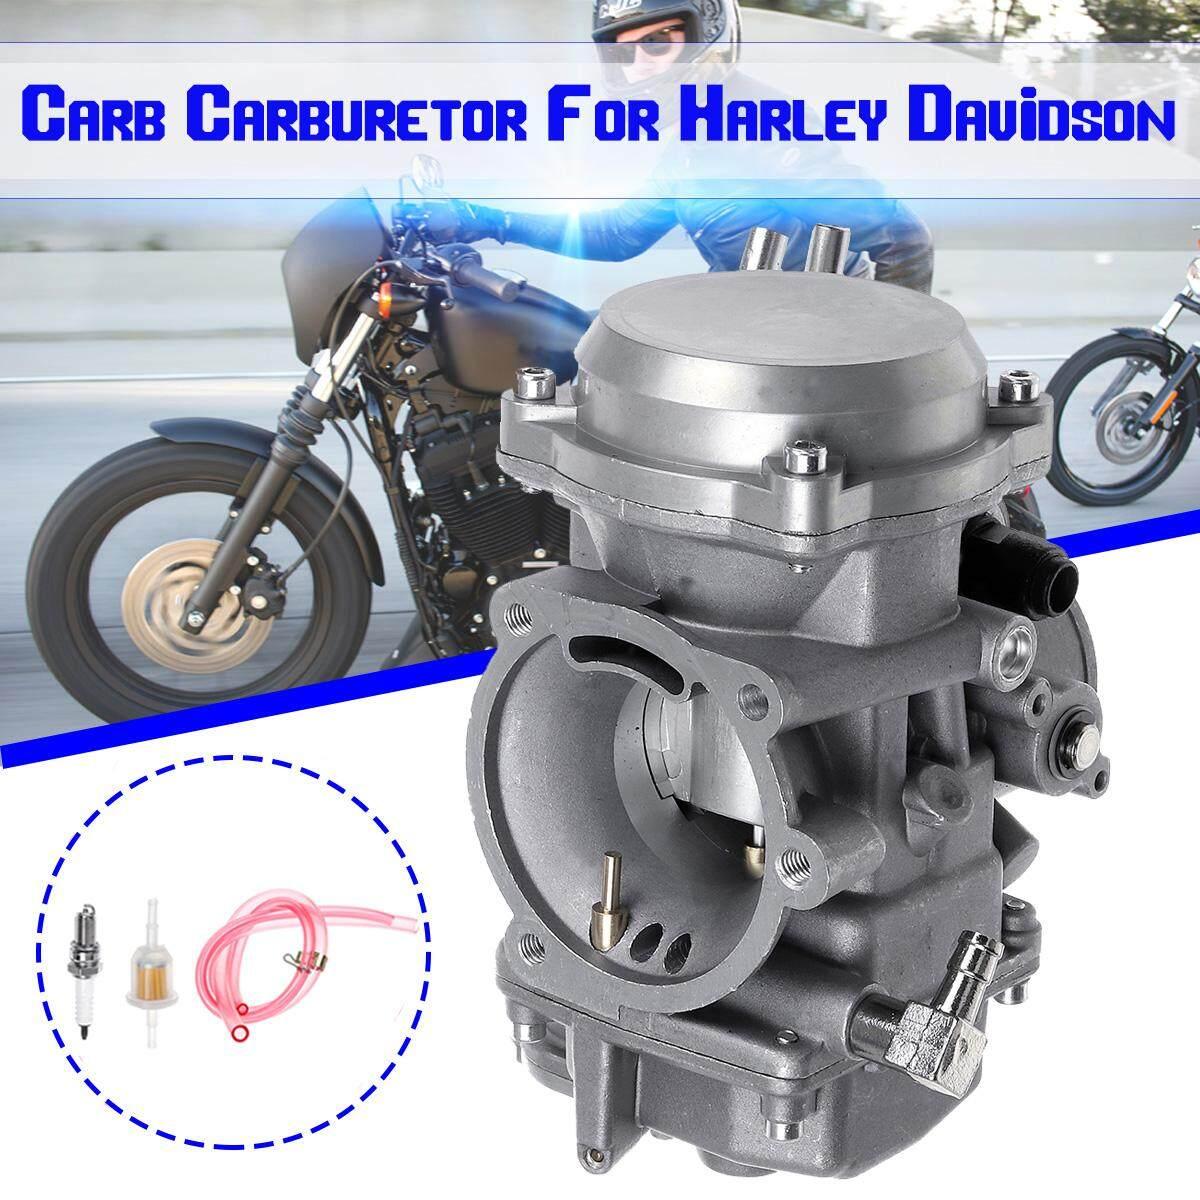 Carburetor - Buy Carburetor at Best Price in Singapore | redmart